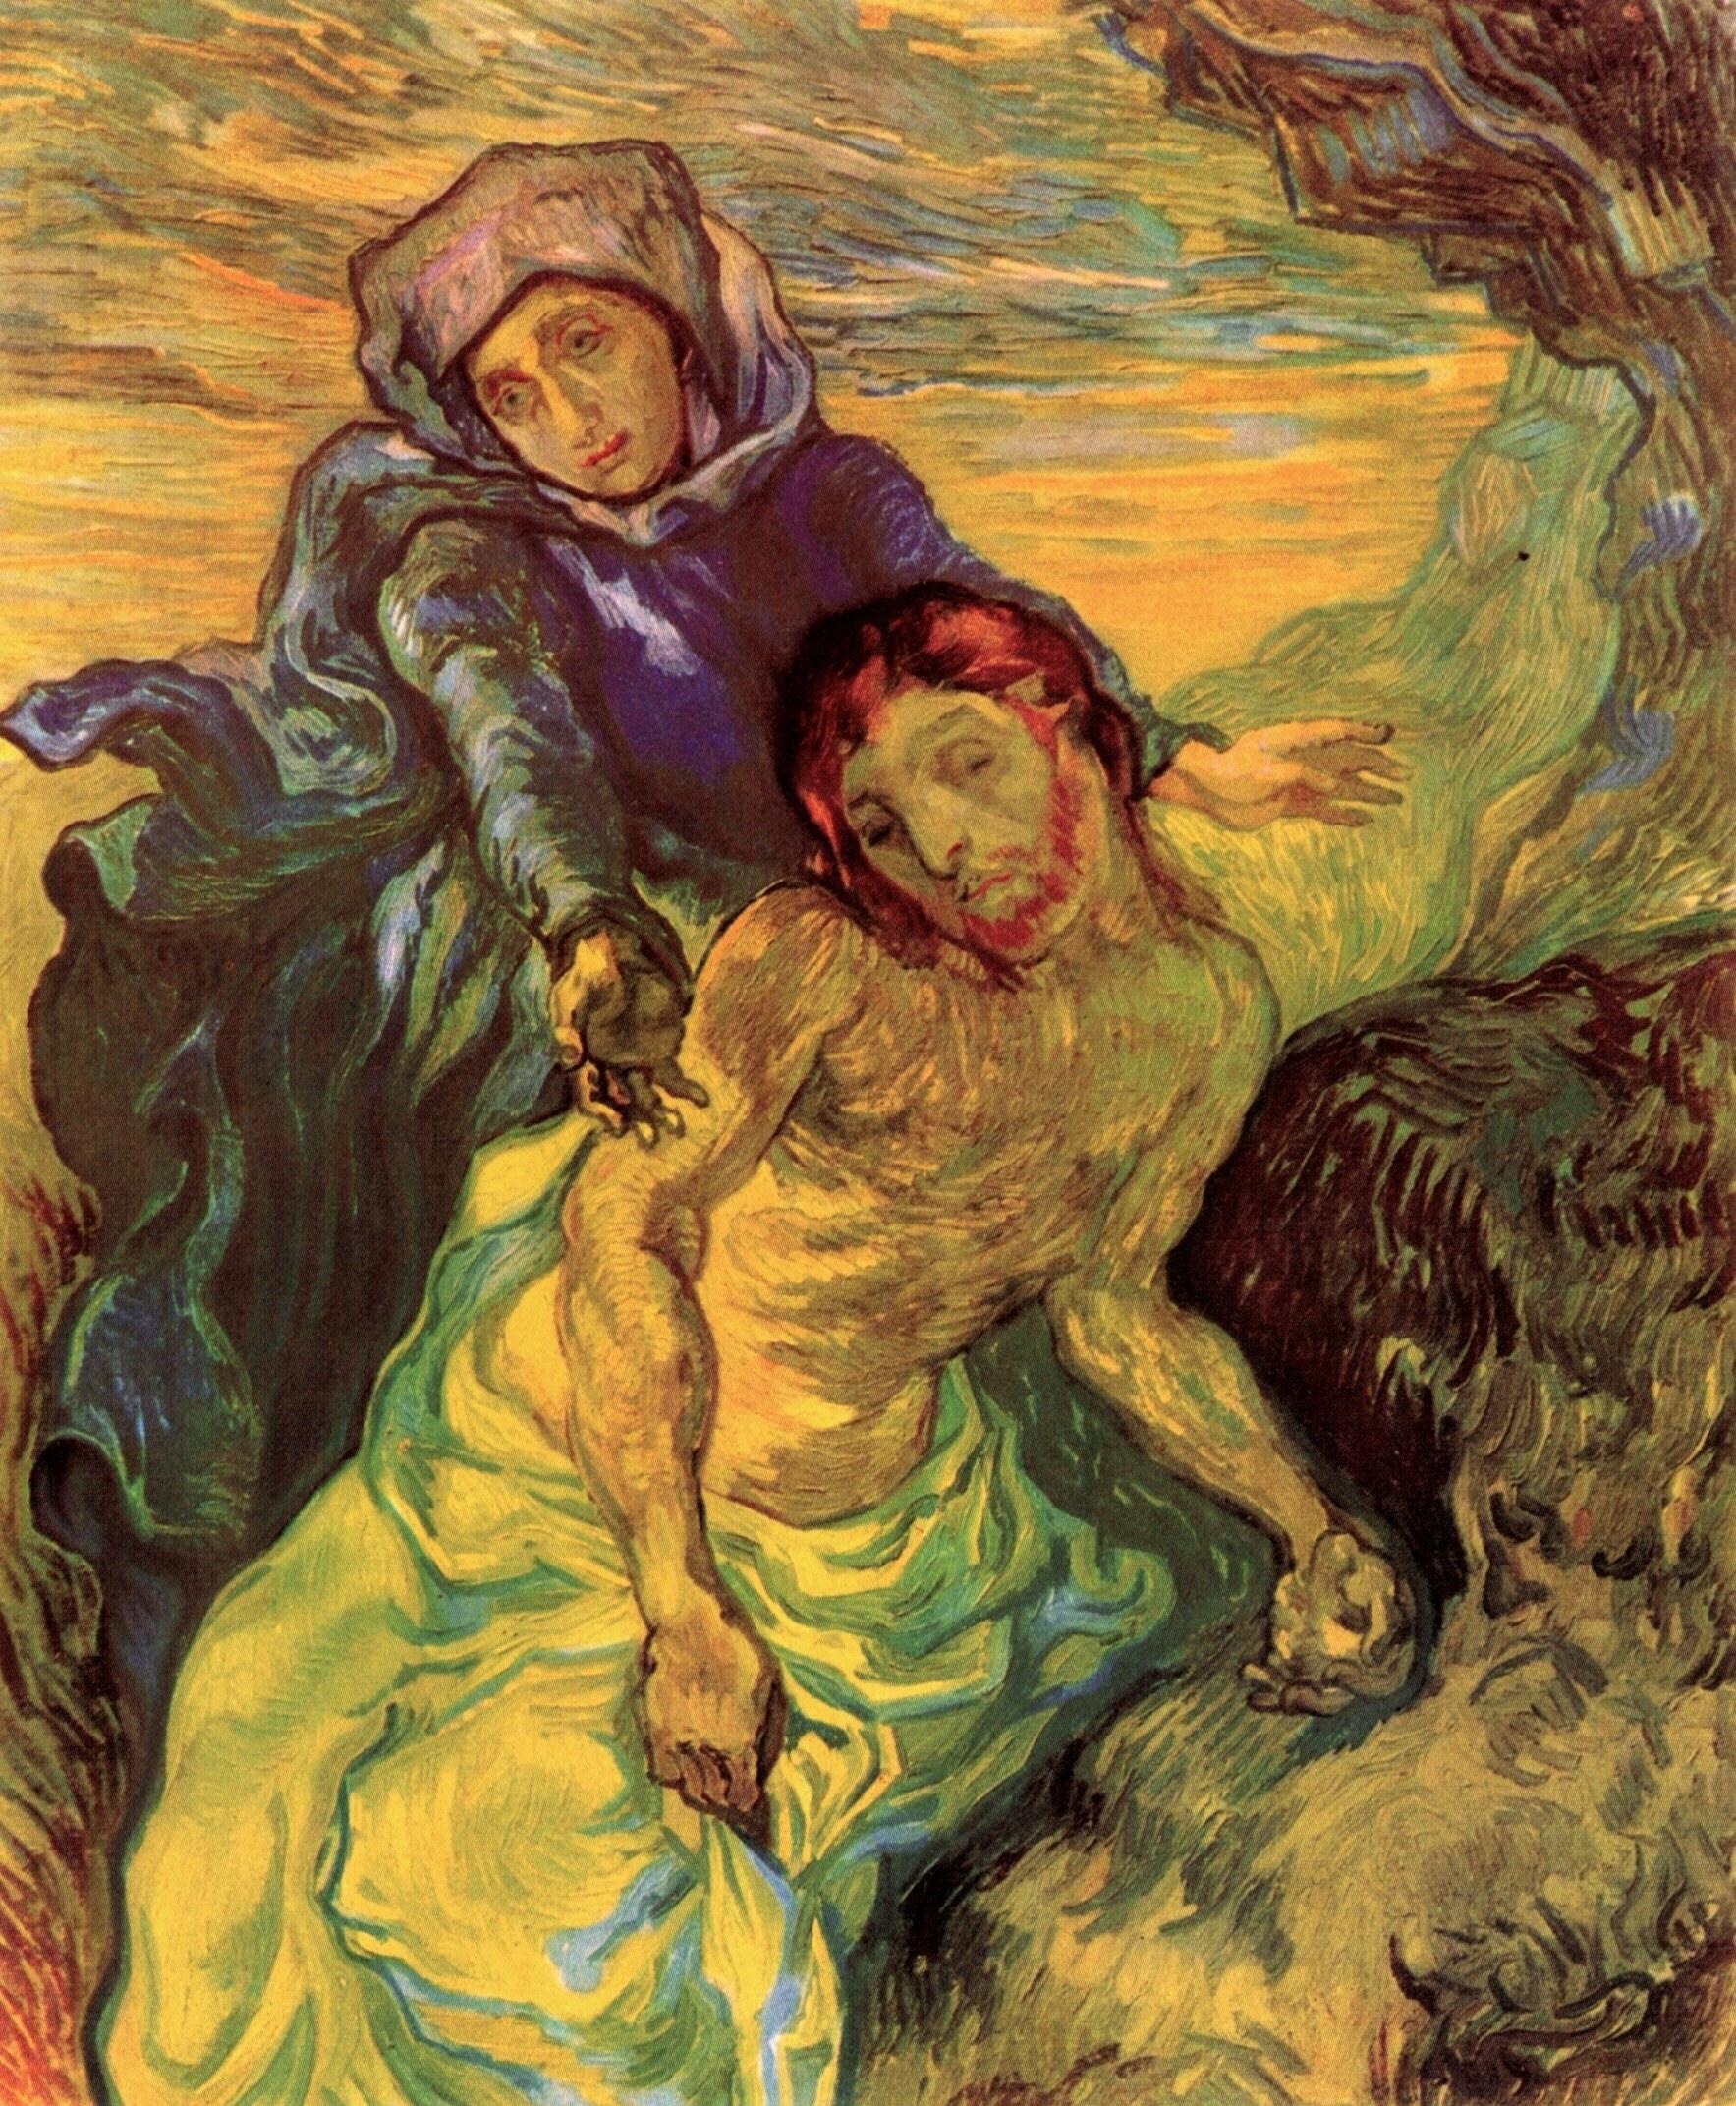 Pieta, Vincent van Gogh